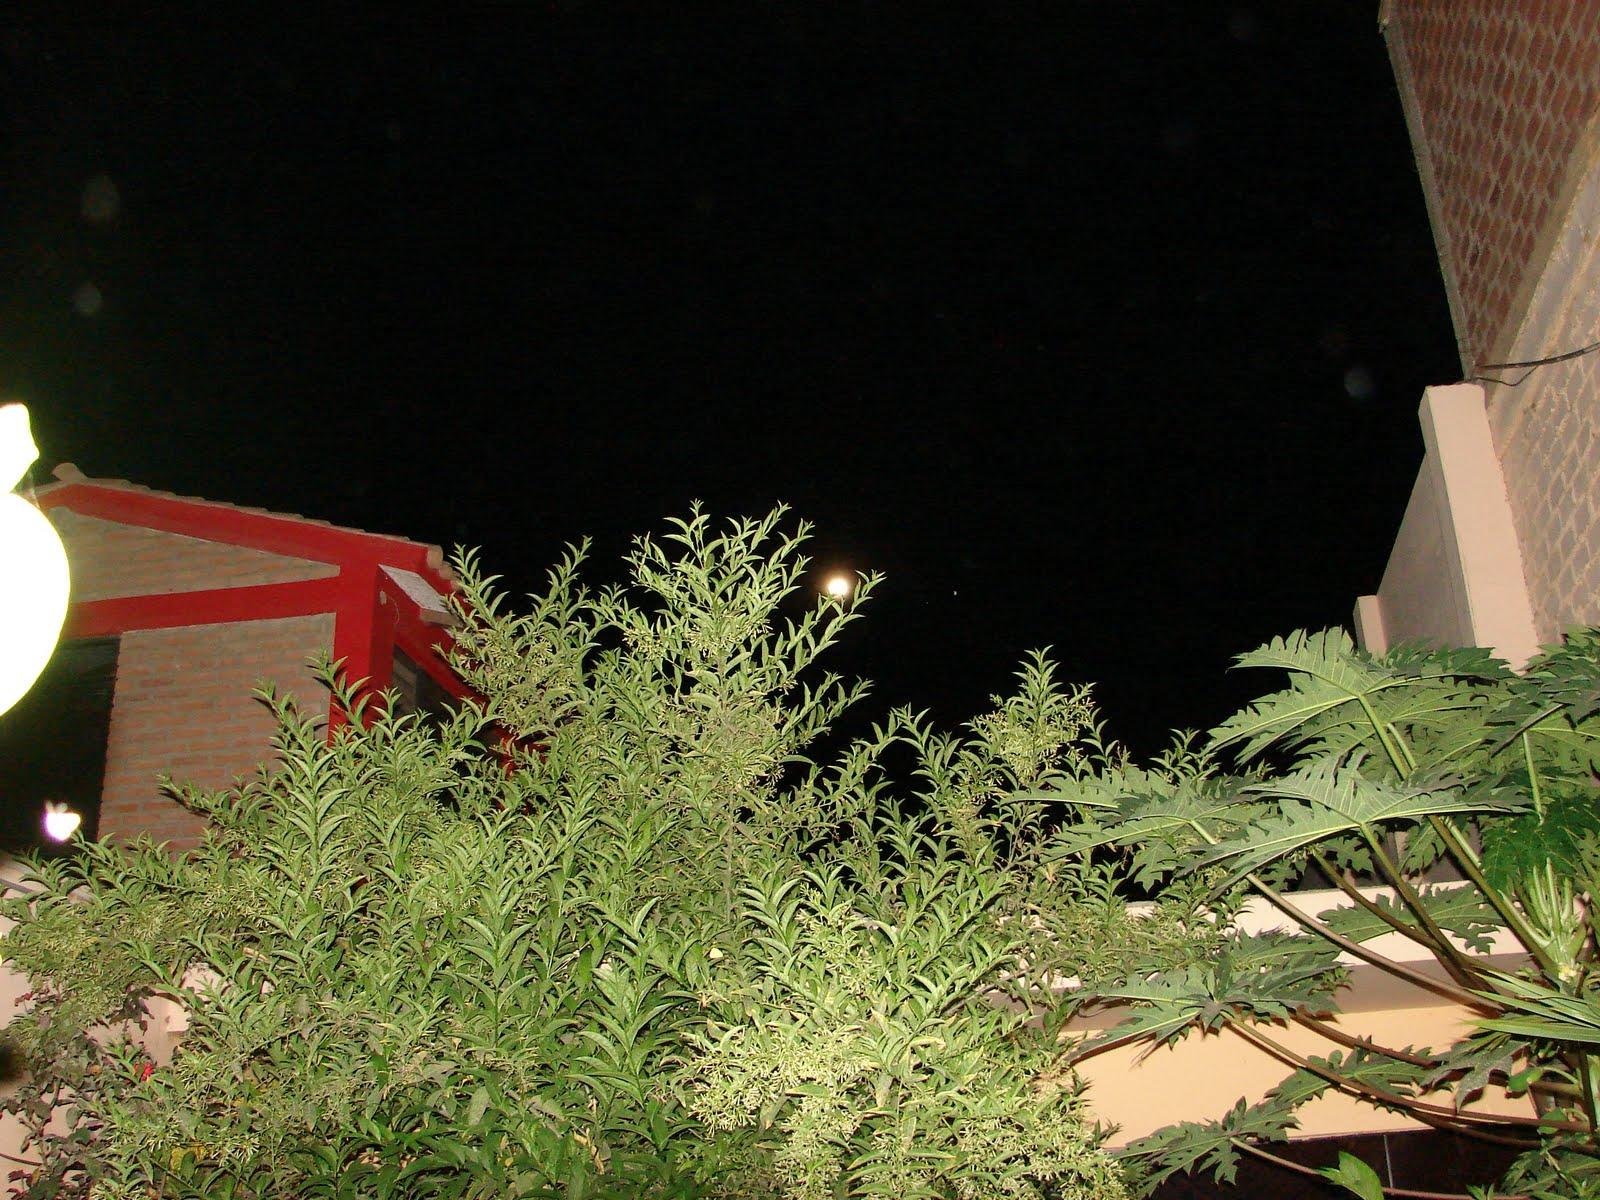 ATENCION-18-marzo-19-20-21-22-23...2011 ultimos avistamientos Ovni PUERTA d laborat, 7:09:57pm hoy.